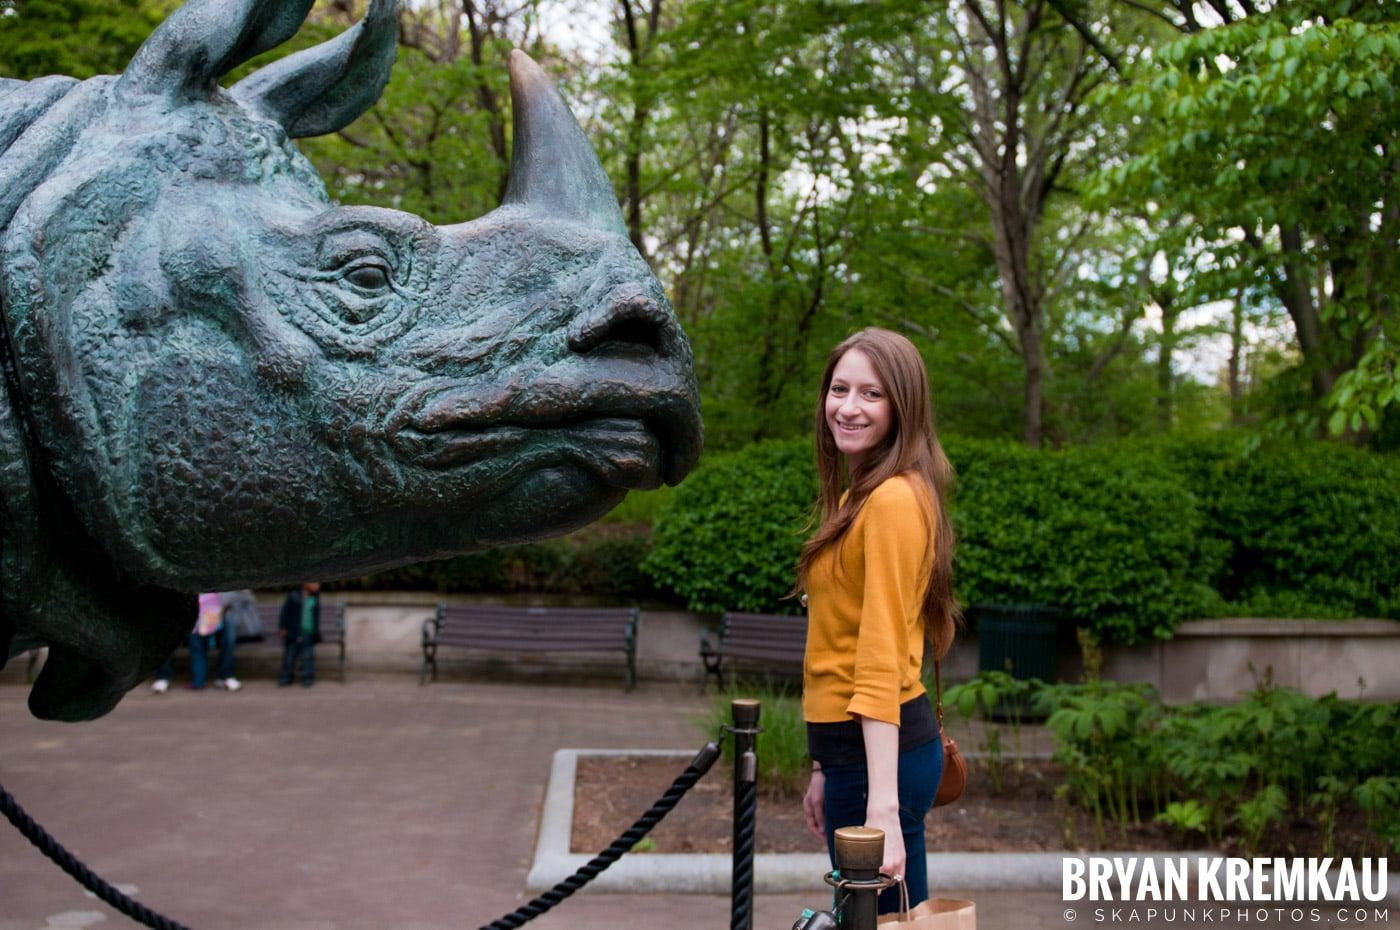 The Bronx Zoo @ Bronx, NYC - 5.7.11 (1)